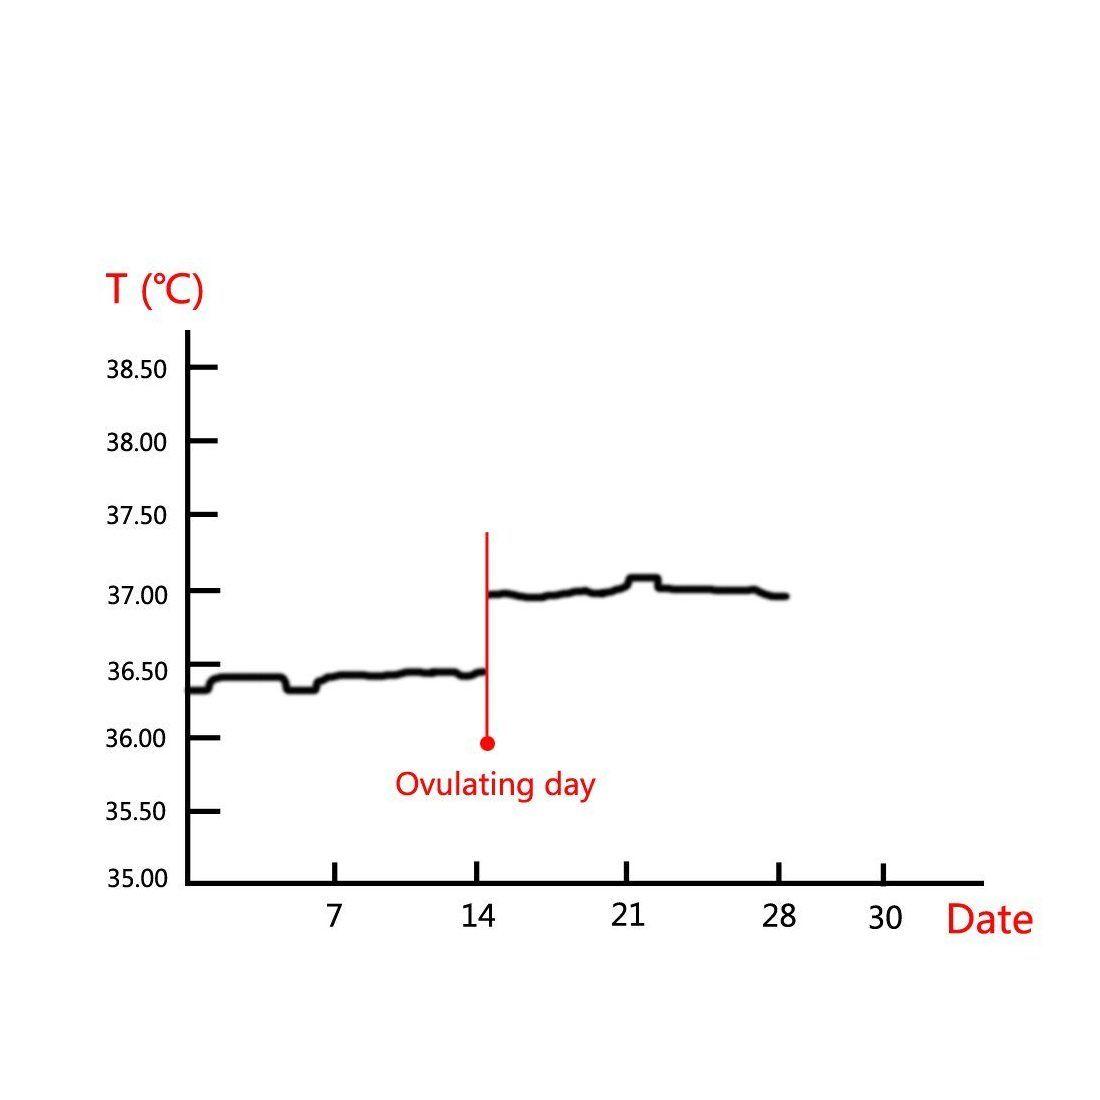 Thermomètre basal numérique pour tester la période d'ovulation, précision +/- 0.05C, mémoire de température de 60 jours, horl